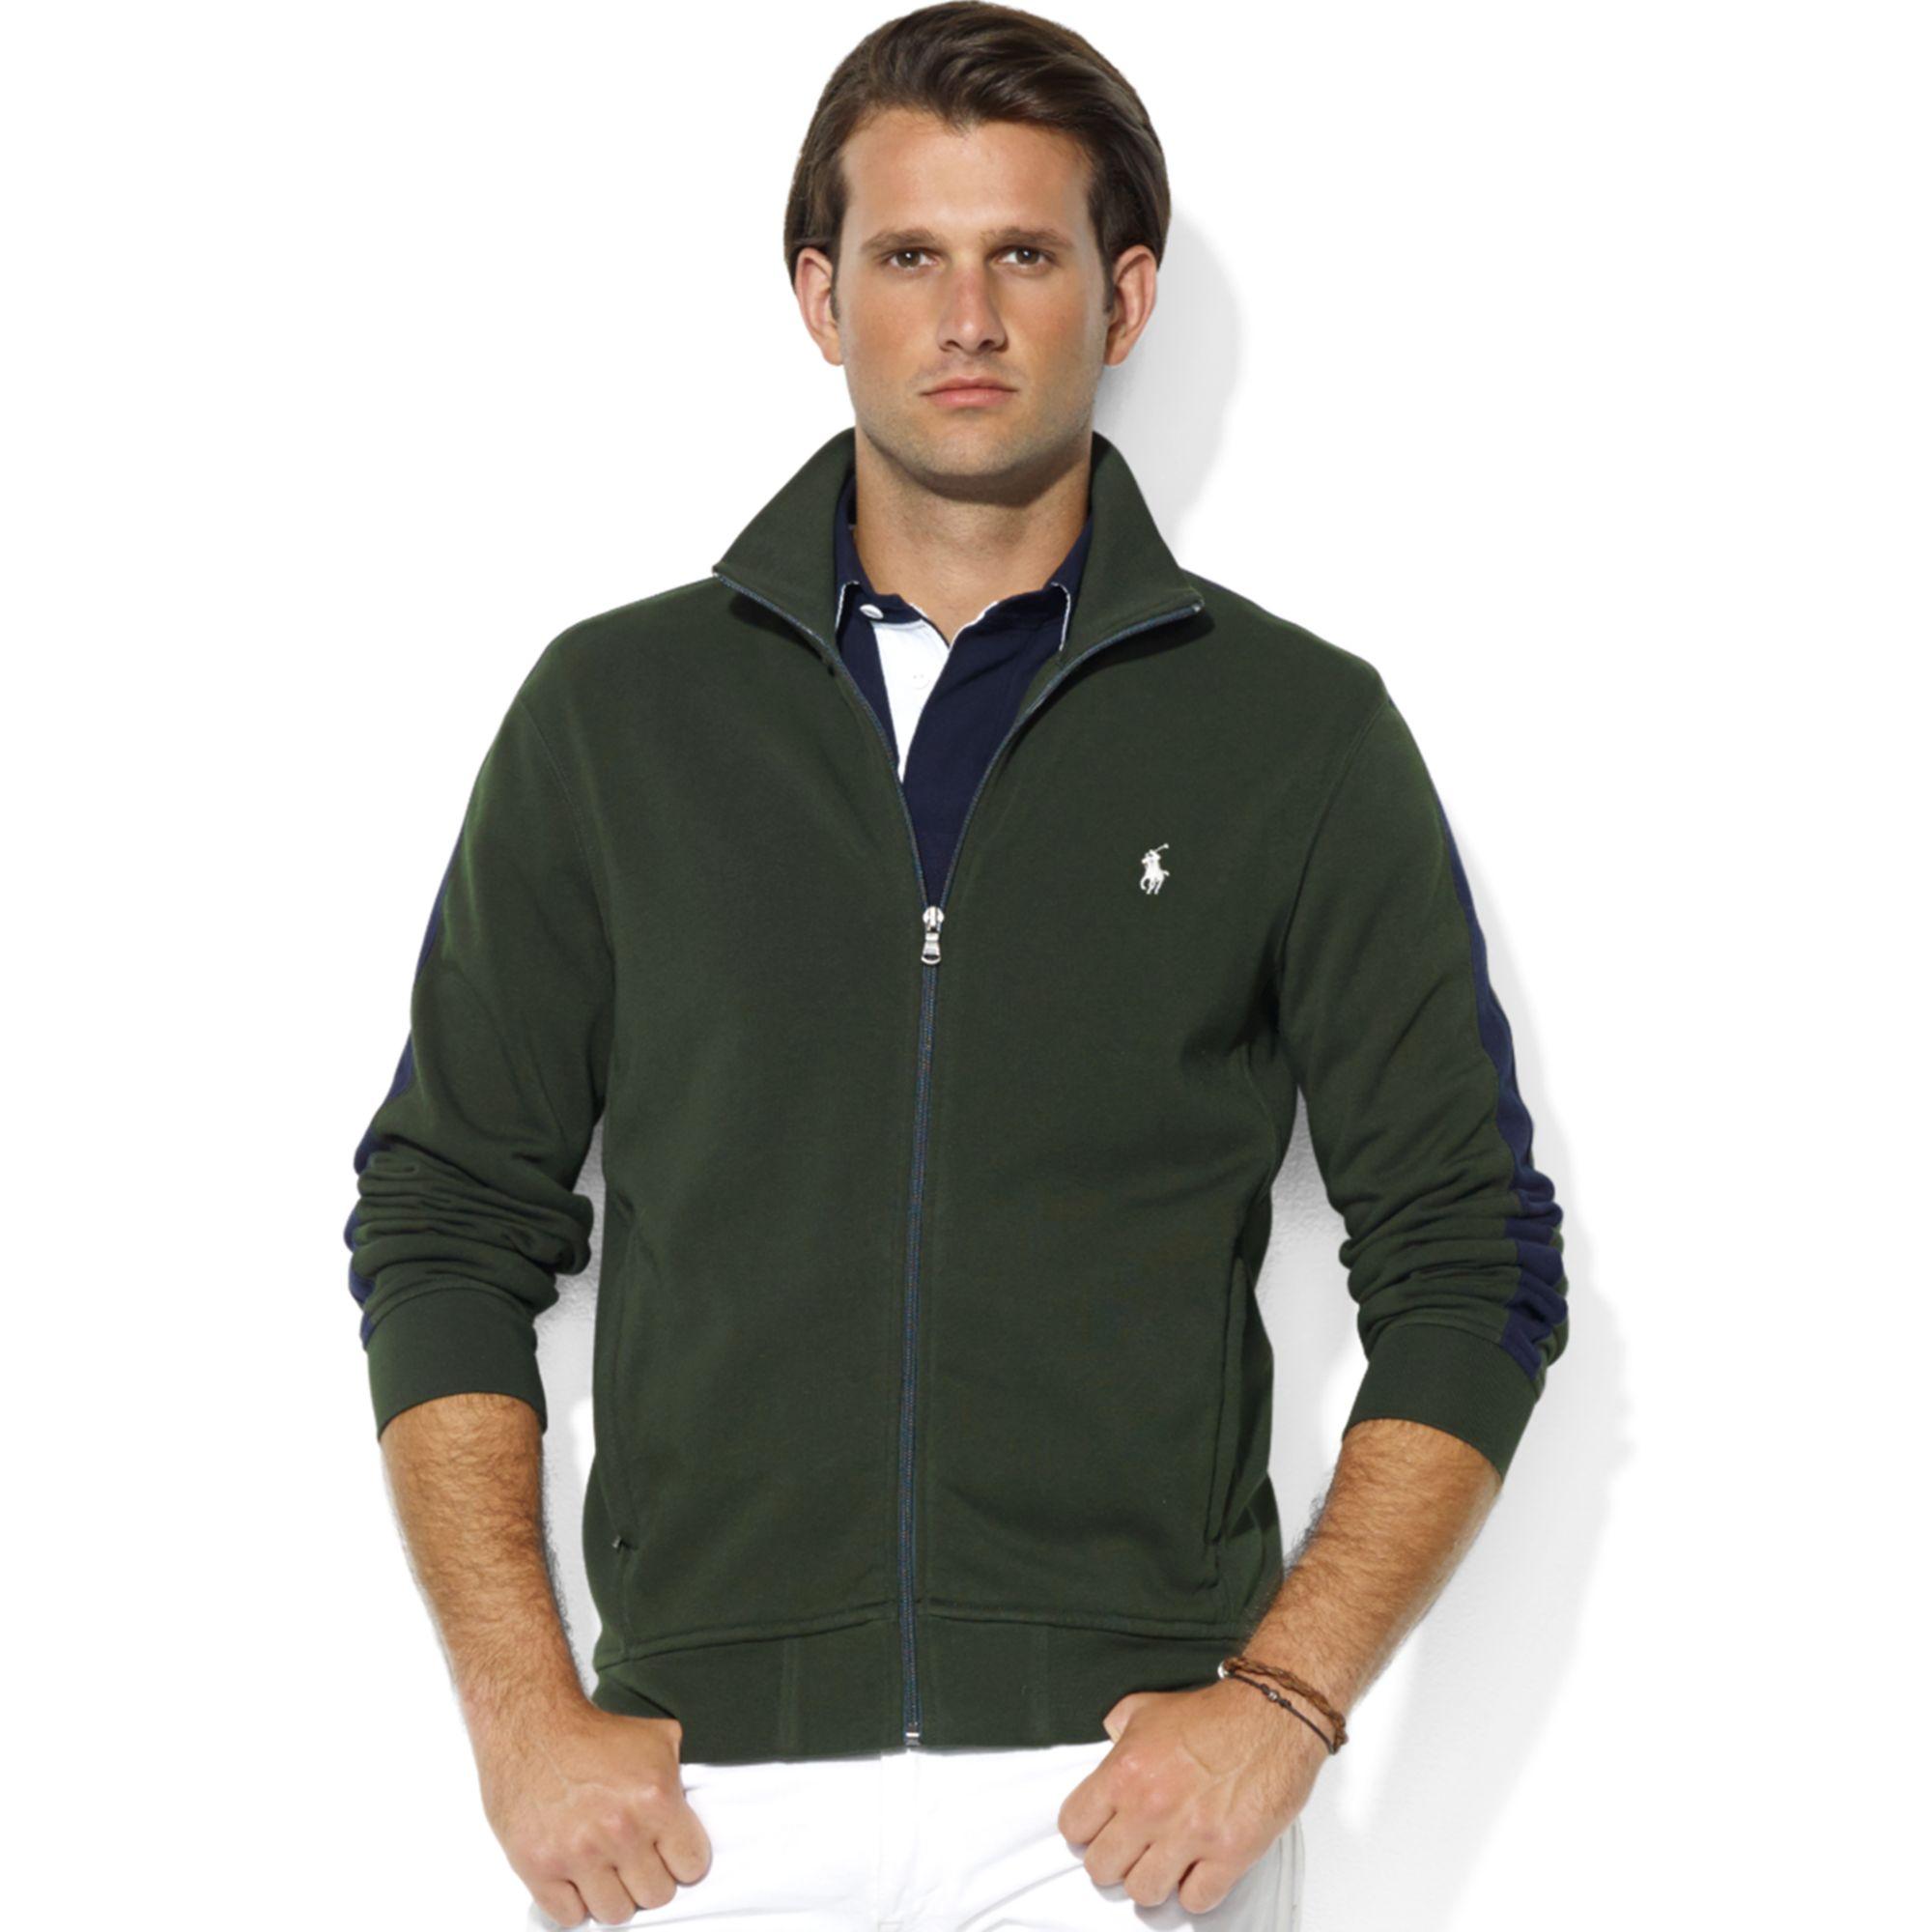 Ralph Lauren Zipfront Mock Neck Fleece Jacket in Red for